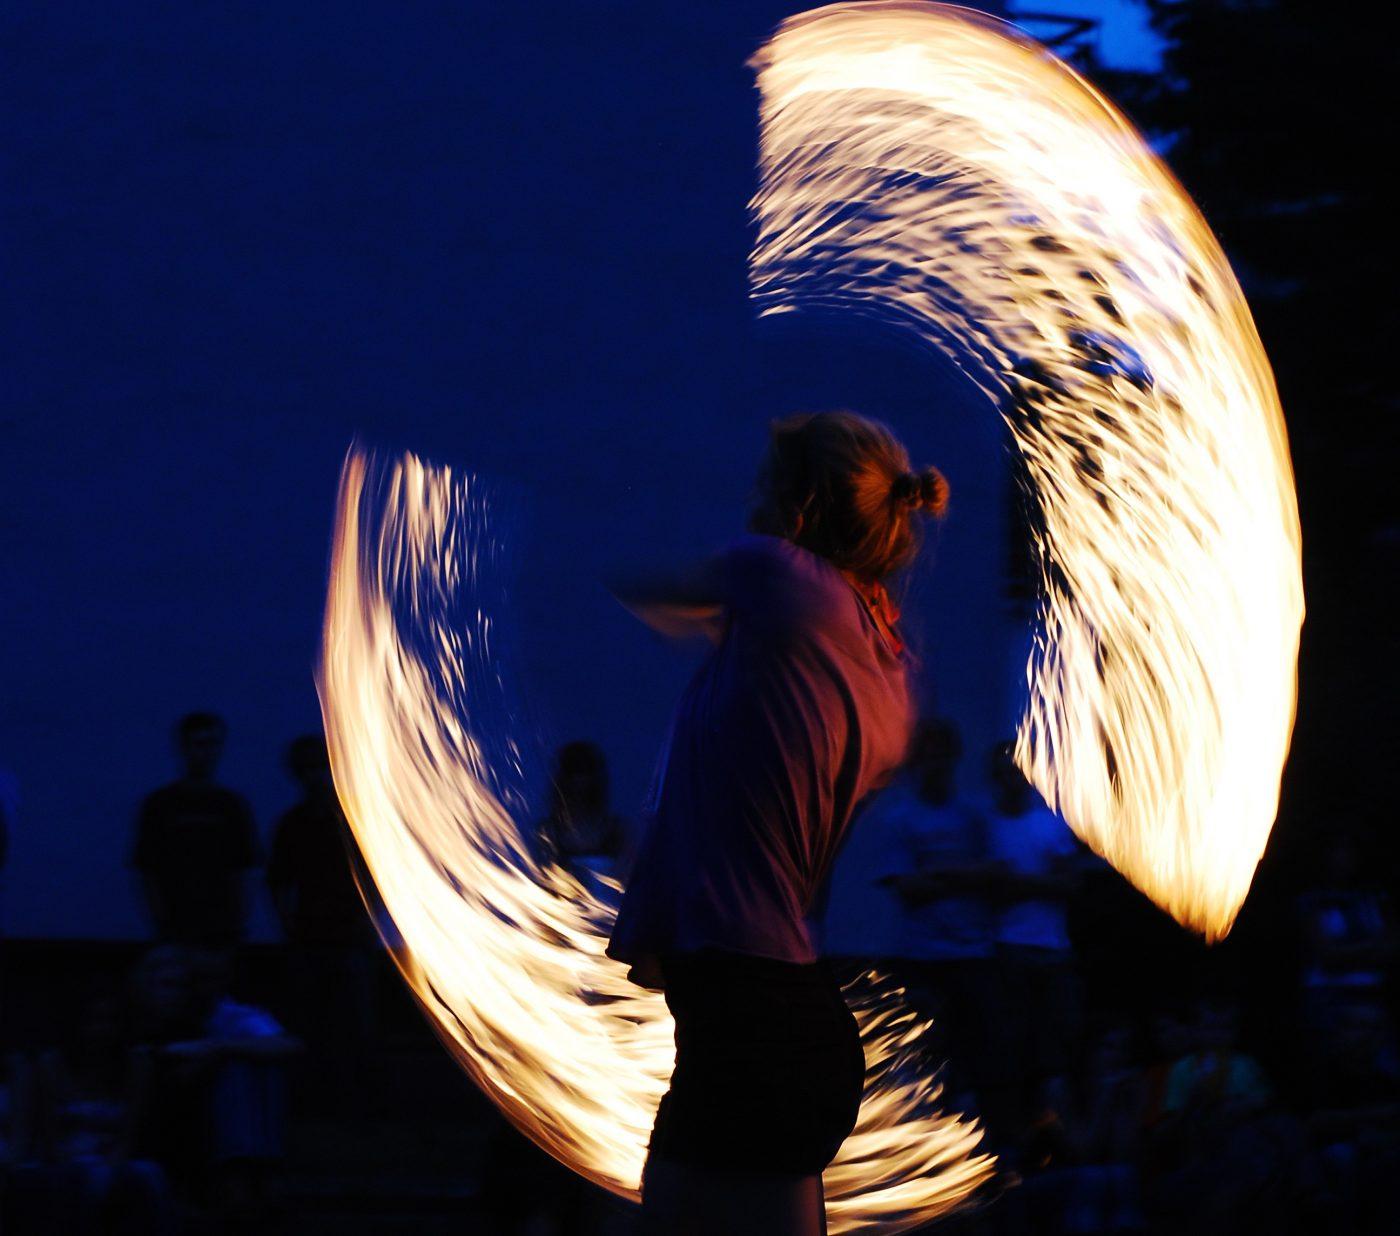 fire-dancing-photographer-janusz Gawron